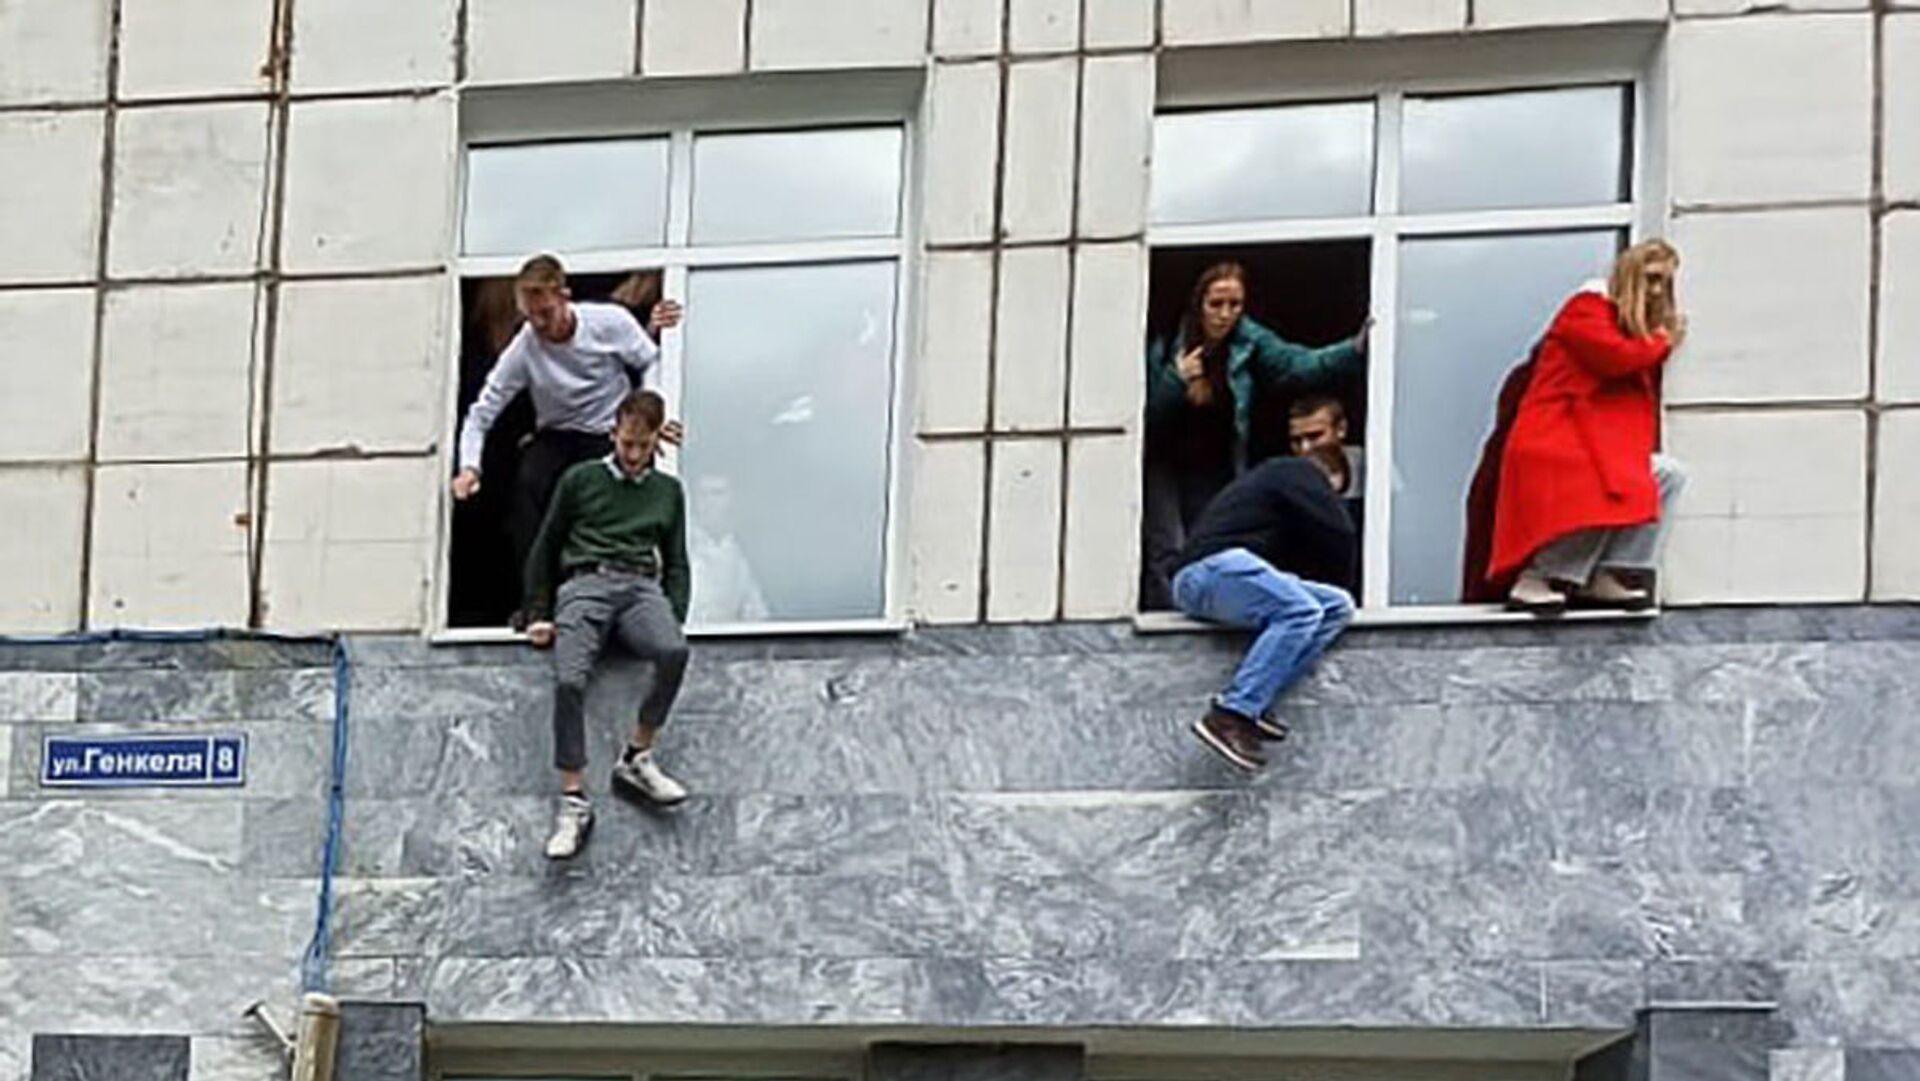 Studenti skáčou z oken univerzity, aby se zachránili před střelcem - Sputnik Česká republika, 1920, 20.09.2021